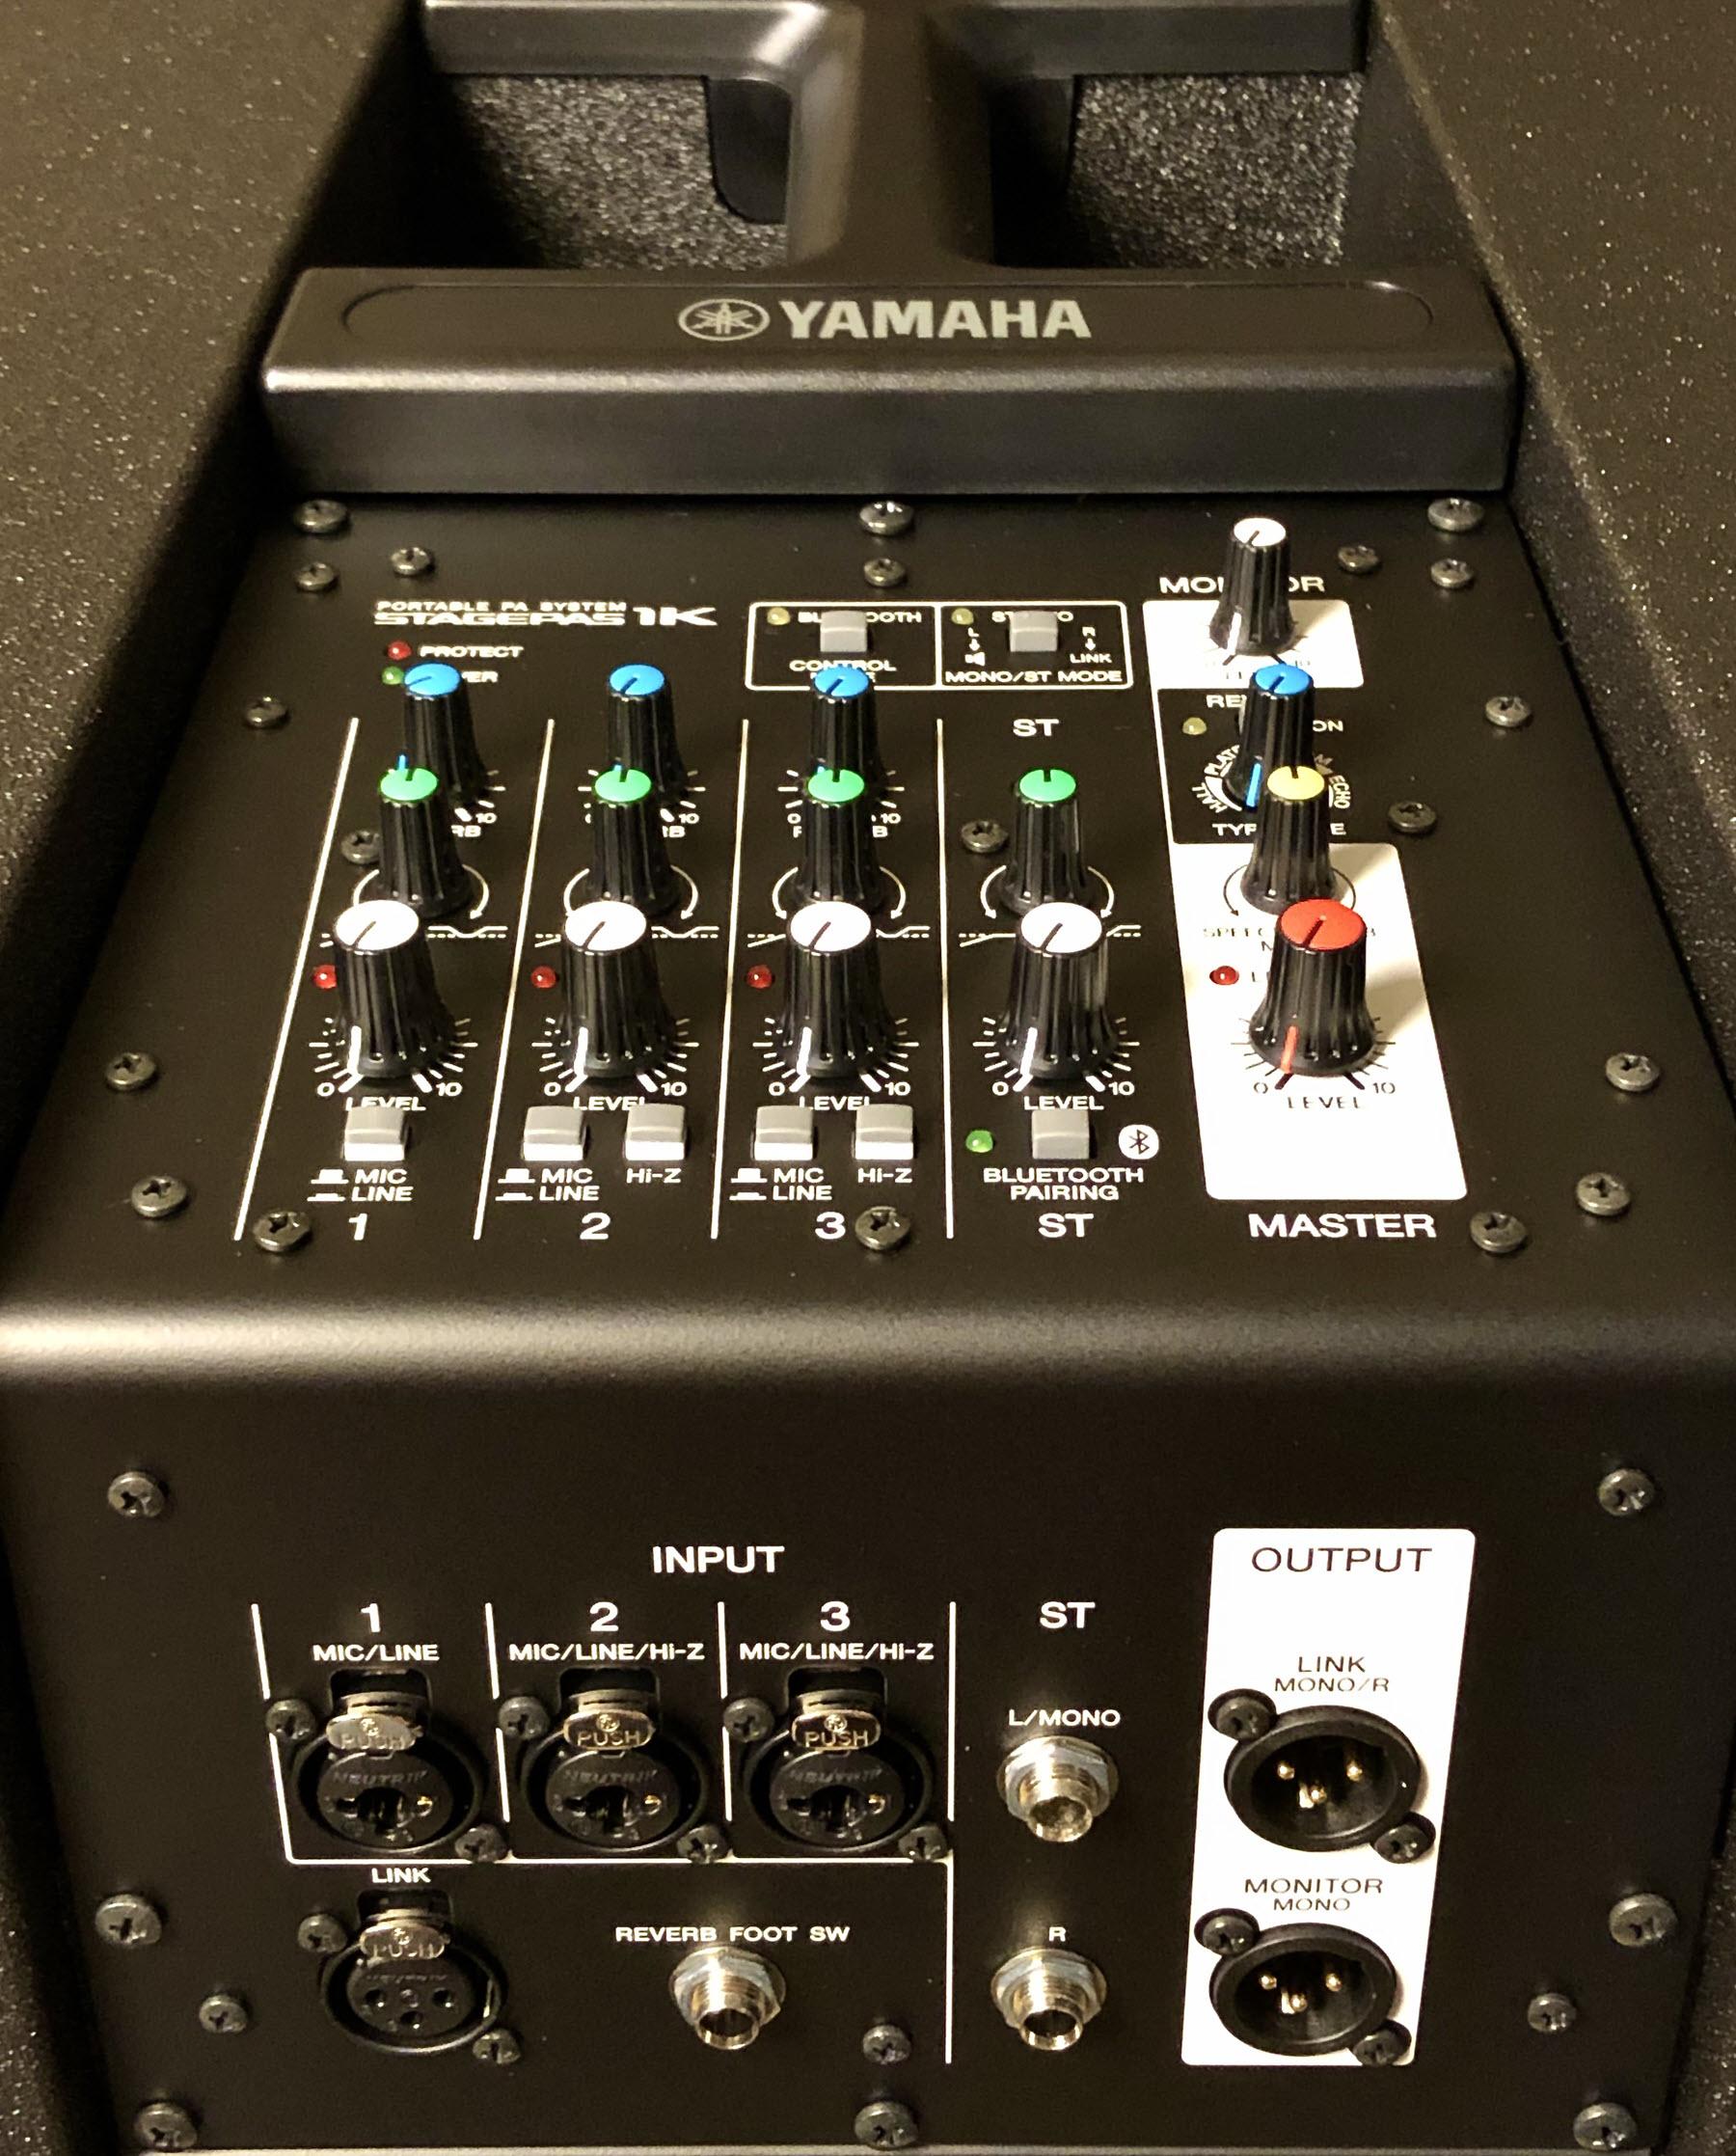 Closeup of mixer controls.